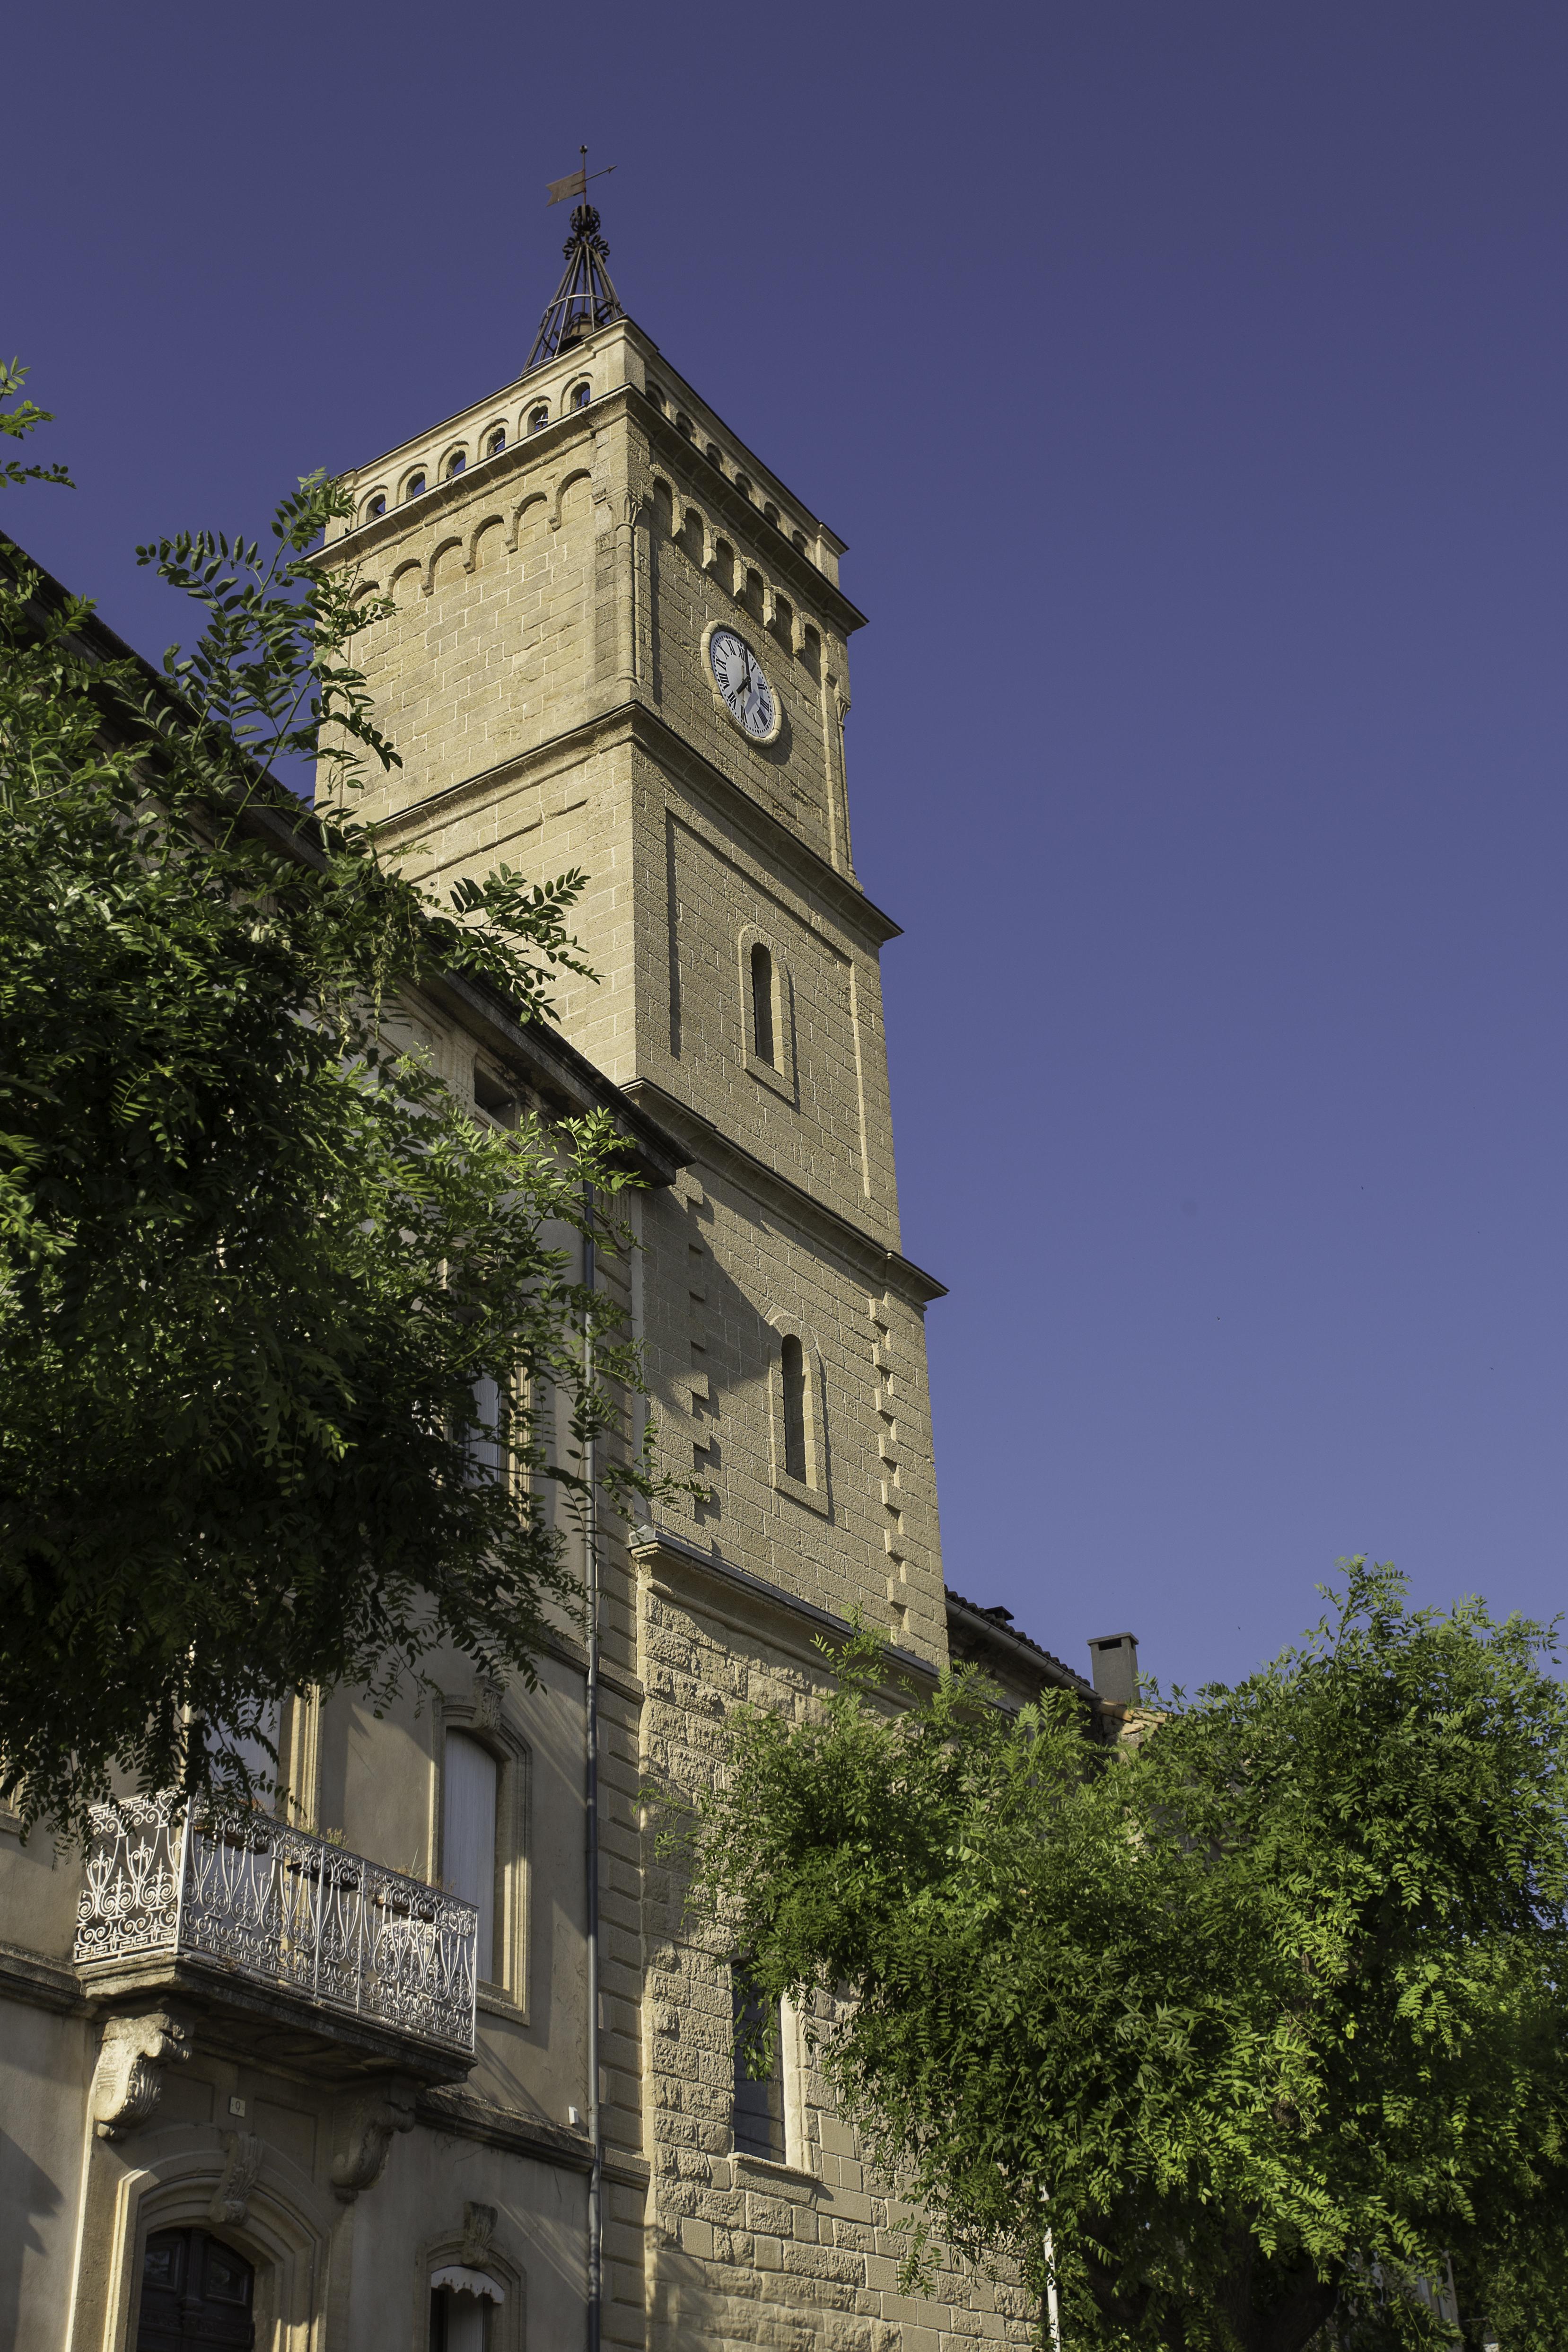 Ouverture de la Tour de l'Horloge